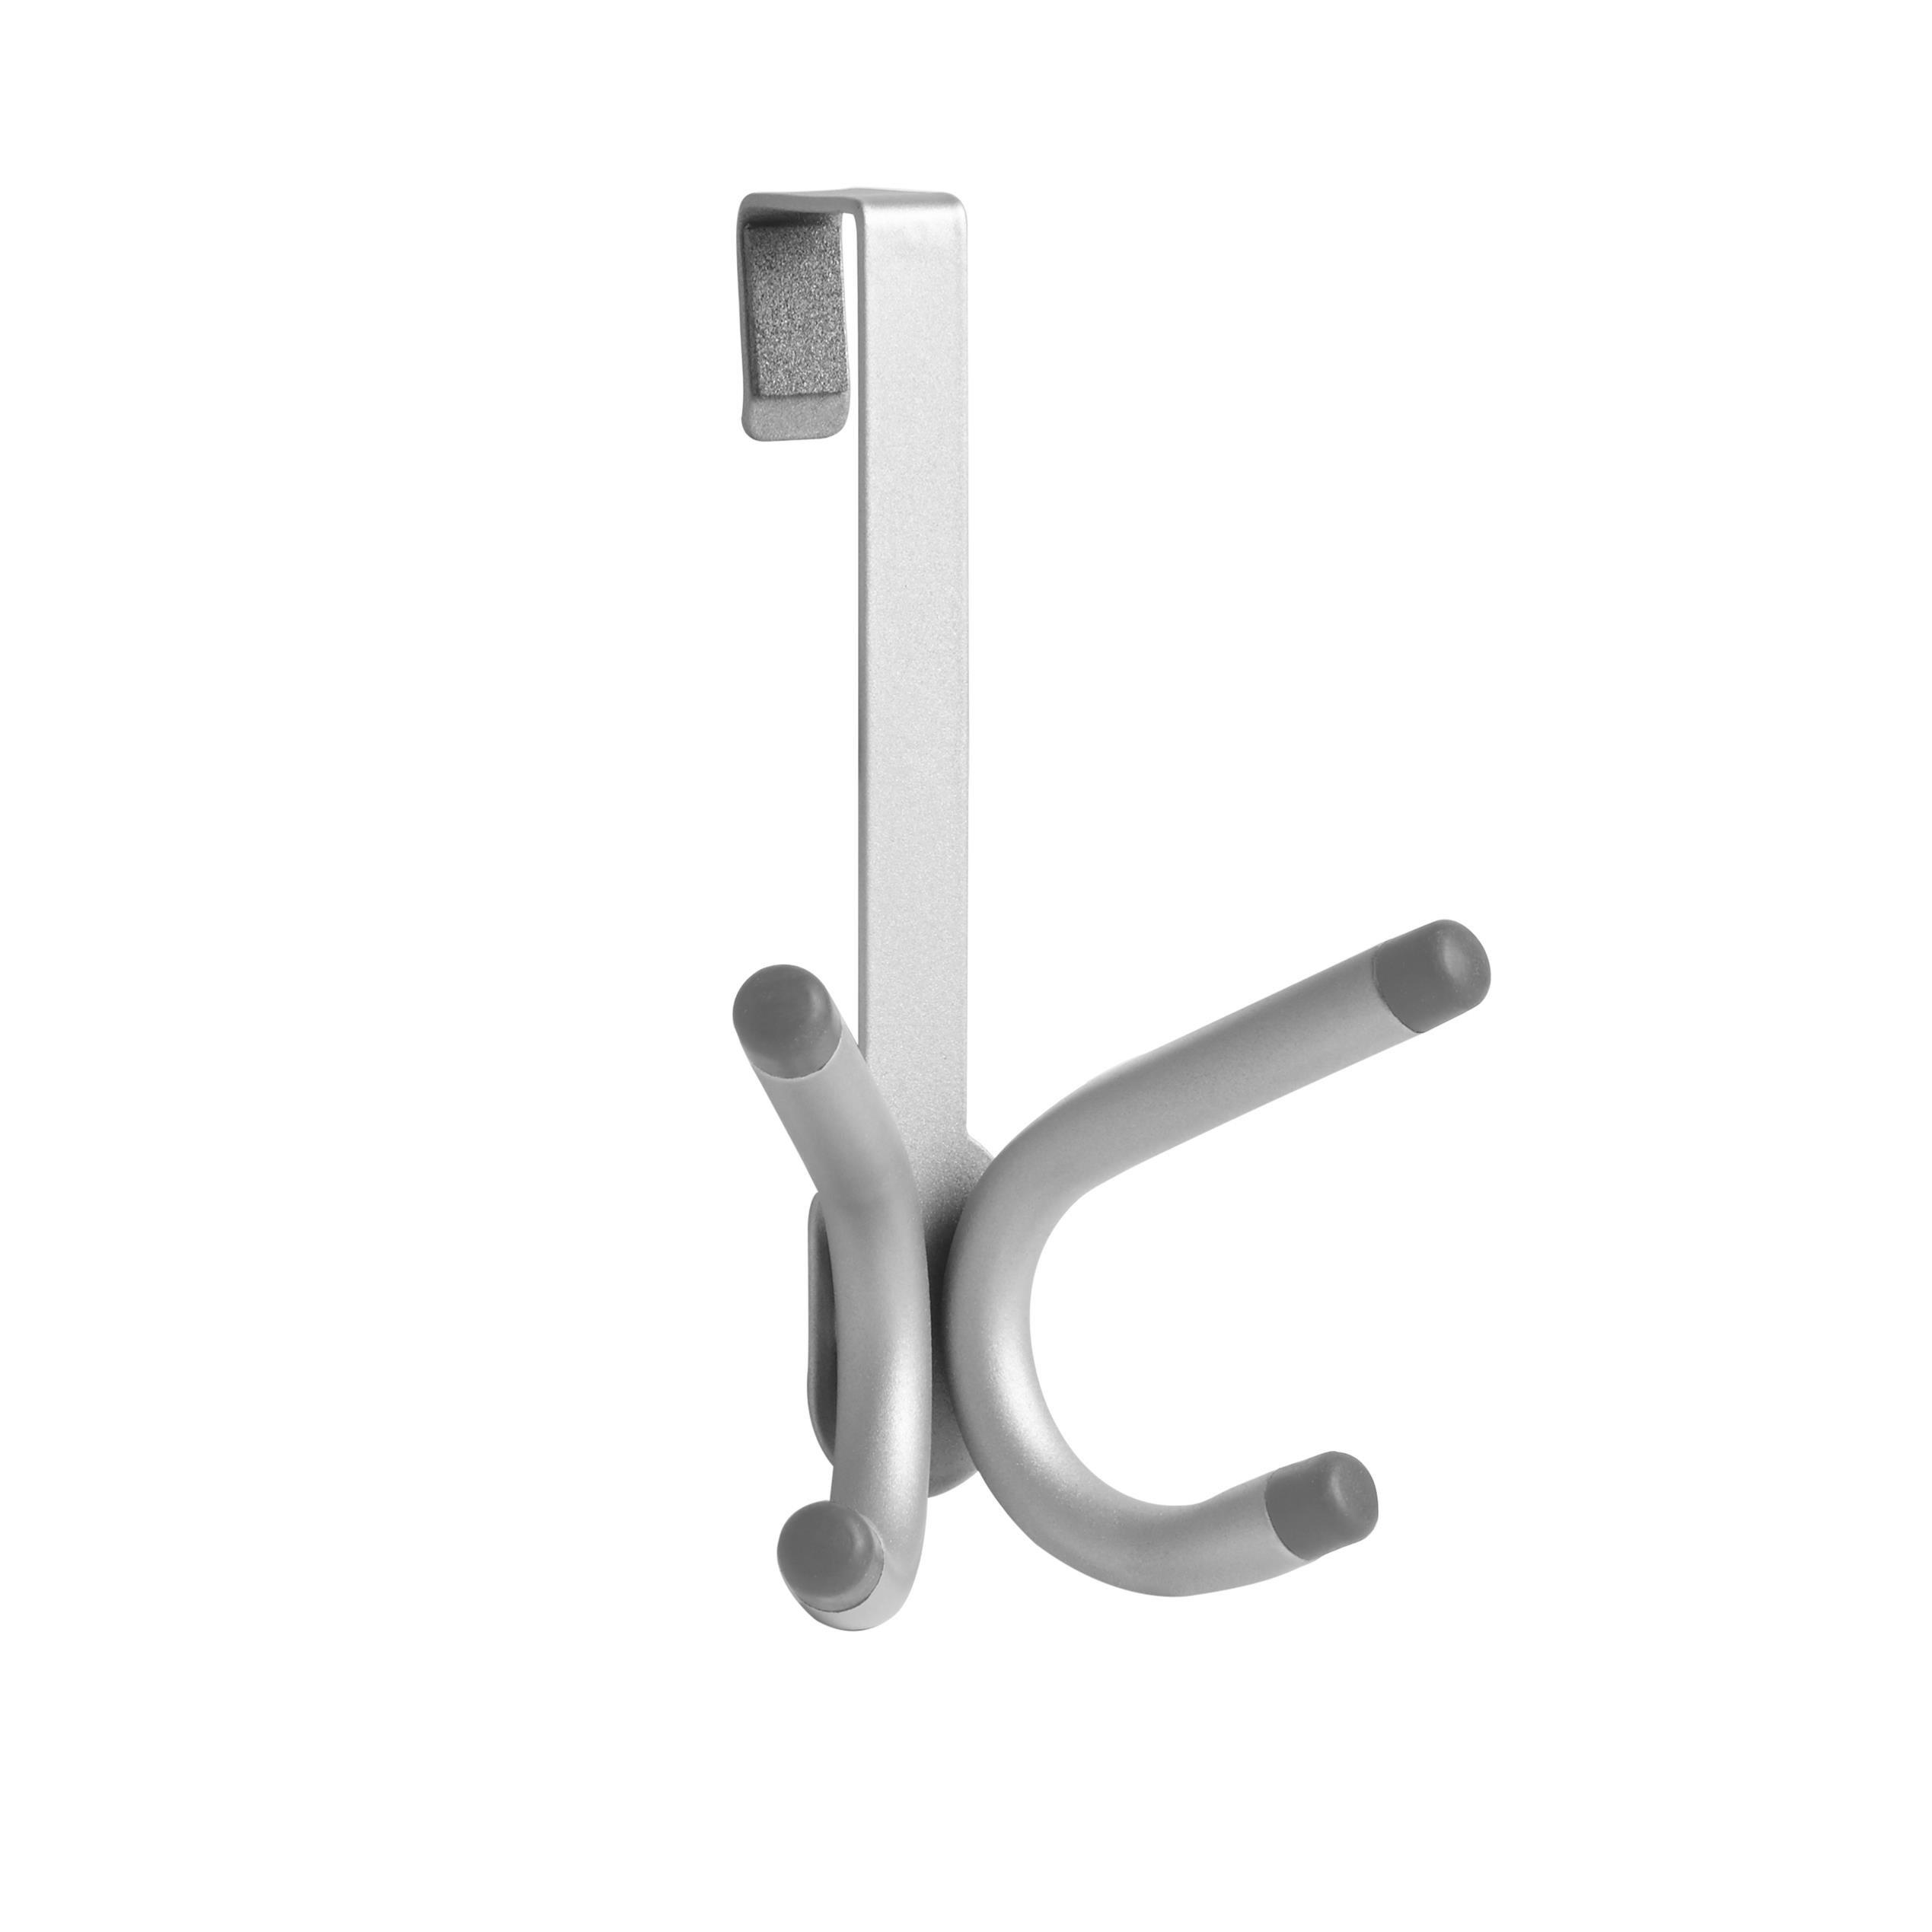 Umbra Brella 4-Hook Over-The-Door Hook, Nickel